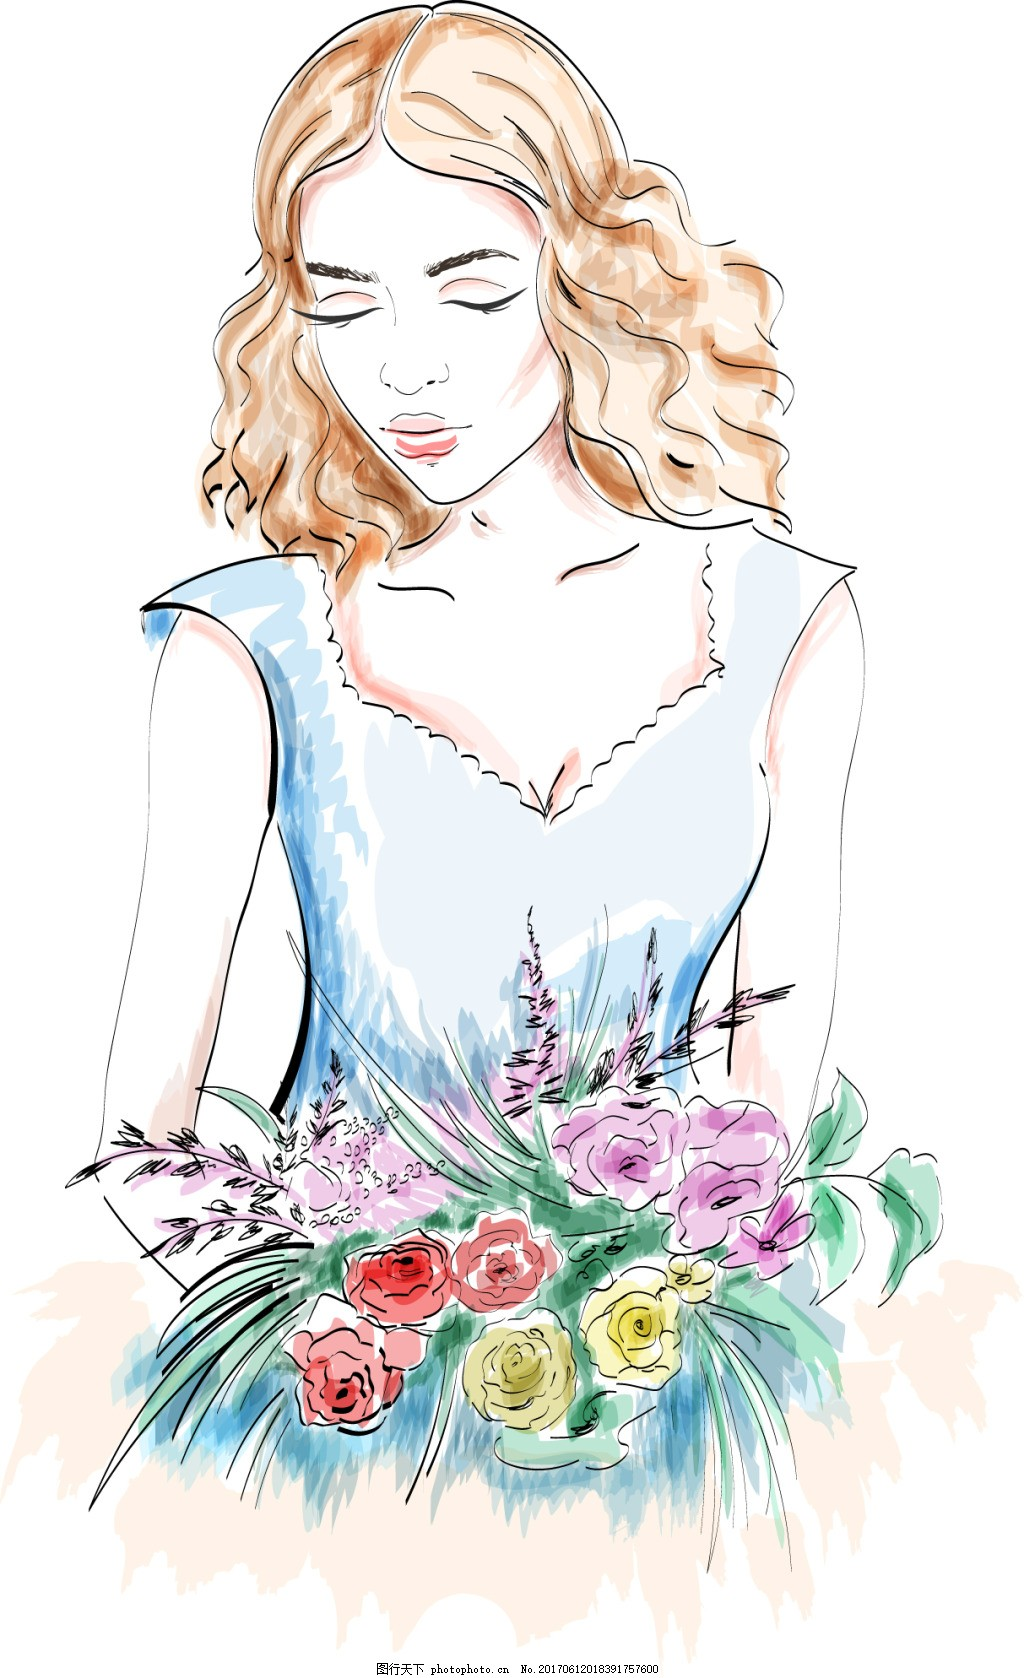 手绘美女人物 插画 水彩绘 花束 安静 唯美